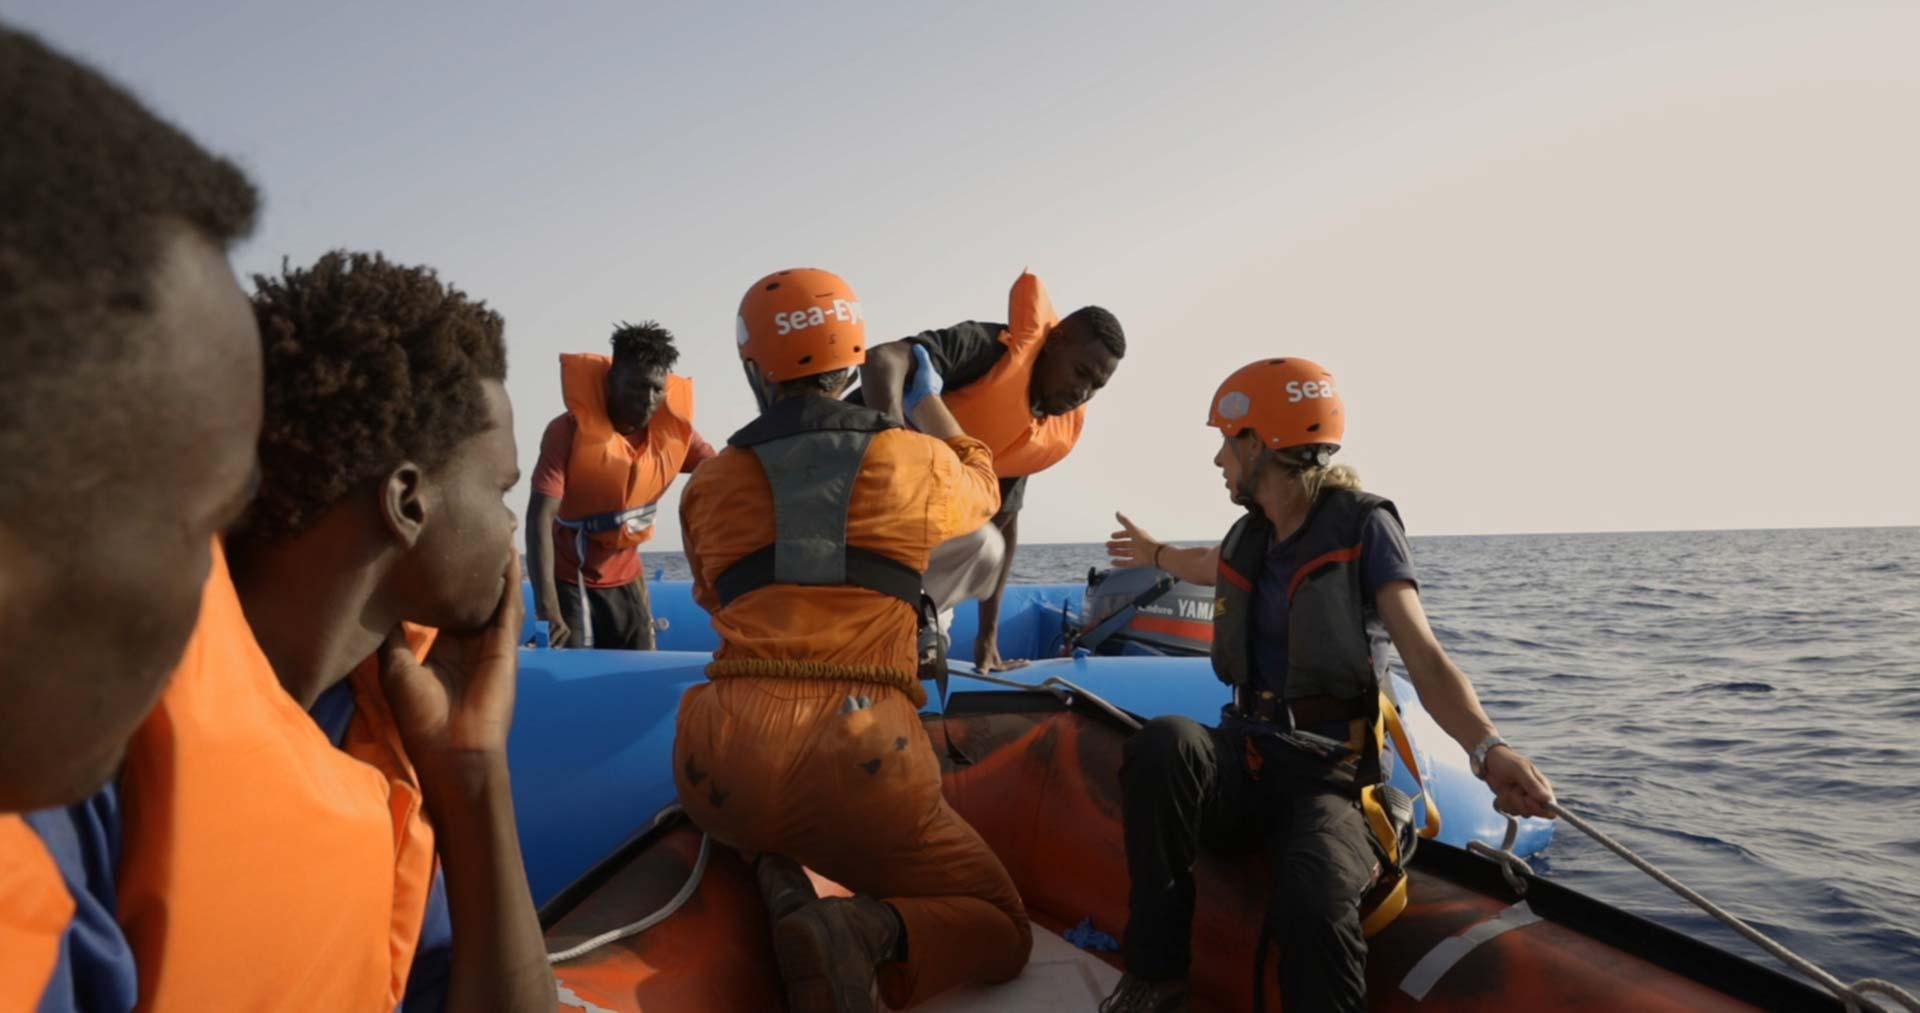 Seenotrettungseinsatz Sea Eye auf dem Mittelmeer Menschen werden an Bord genommen